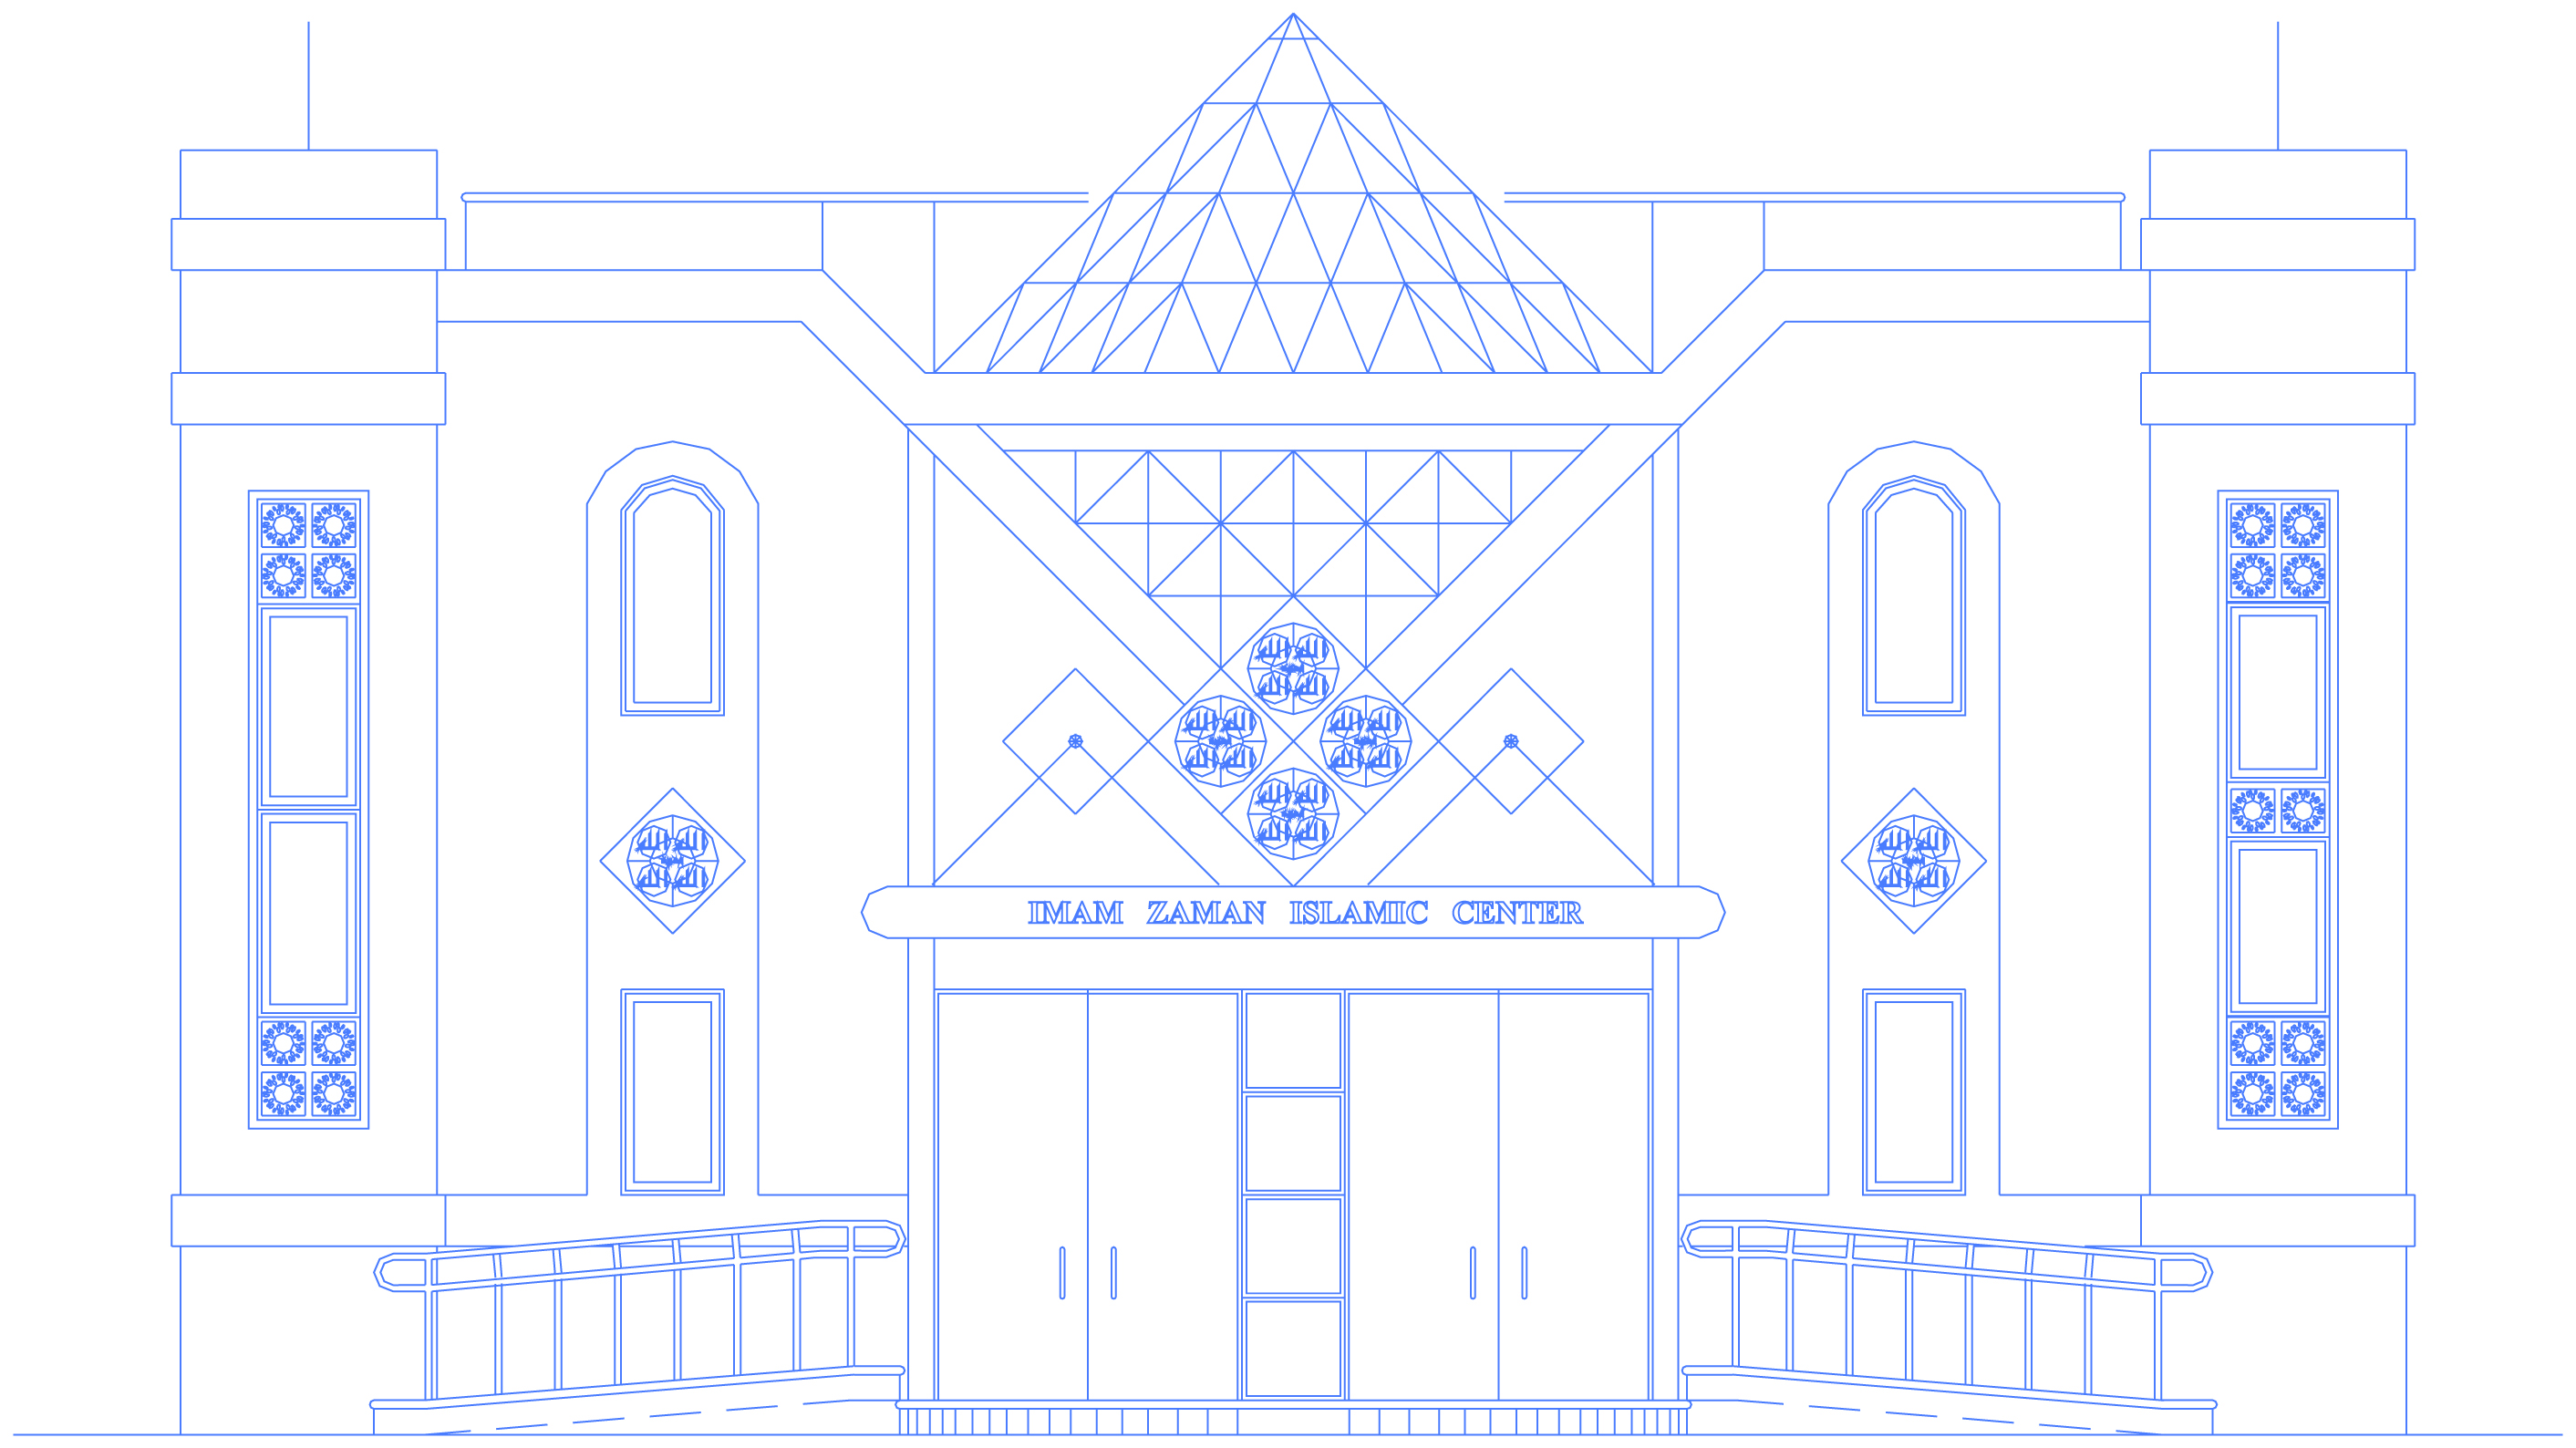 Emam Zaman Islamic Center, Fresh Mea